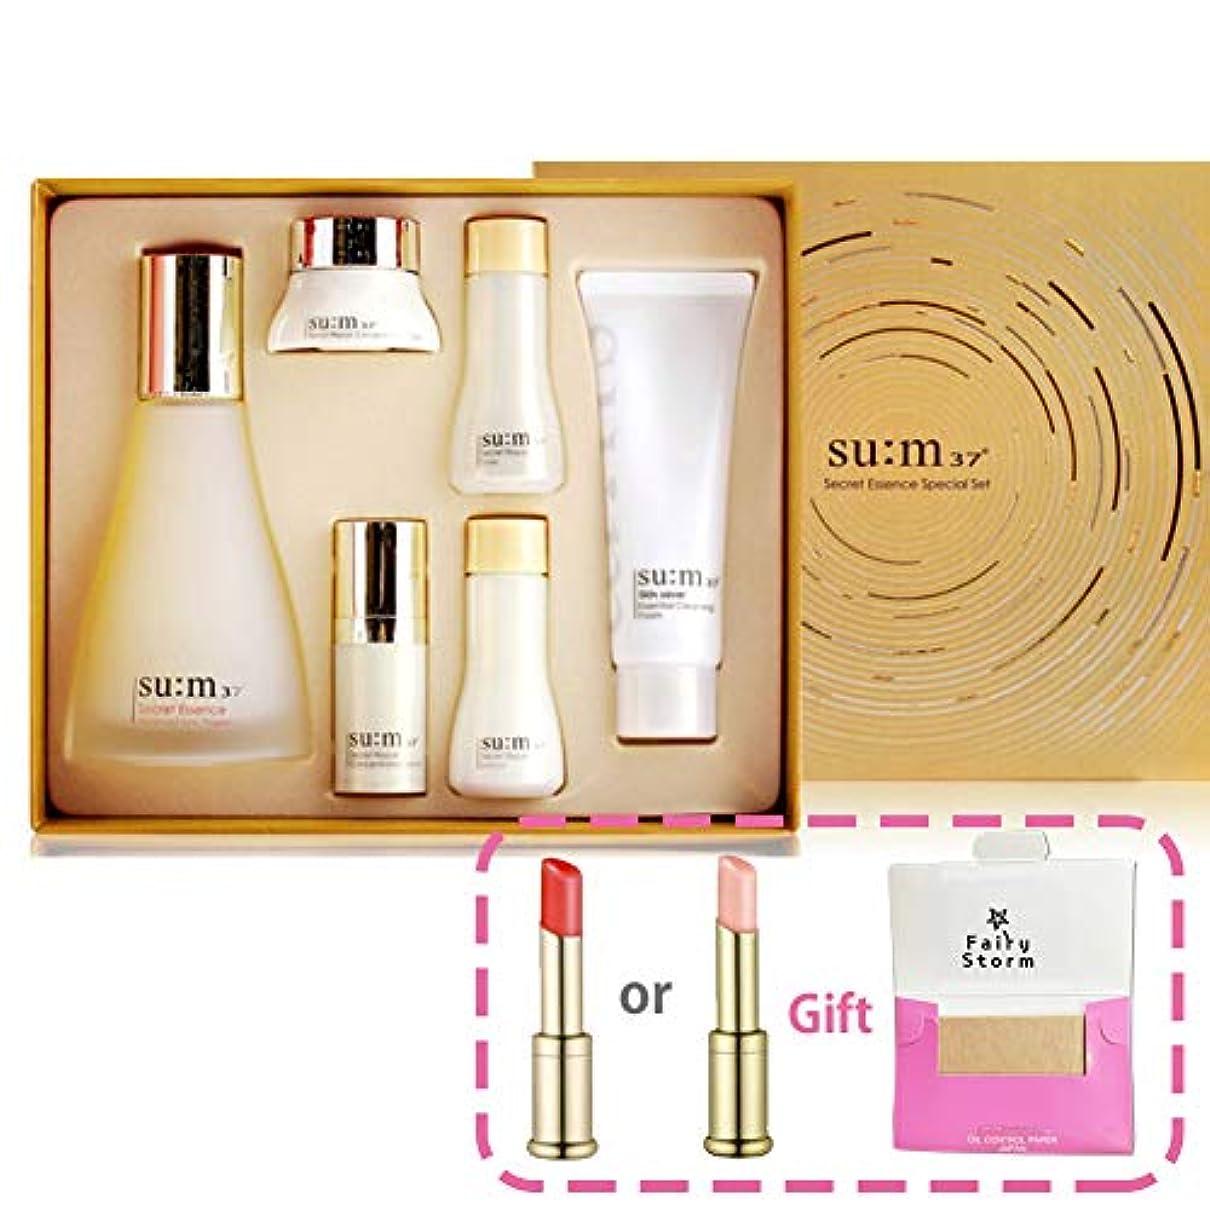 バンガローアンプ乳[su:m37/スム37°] SUM37 Secret Essence SPECIAL 100ml Limited Edition/シークレットエッセンススペシャルリミテッドエディション+[Sample Gift](海外直送品)